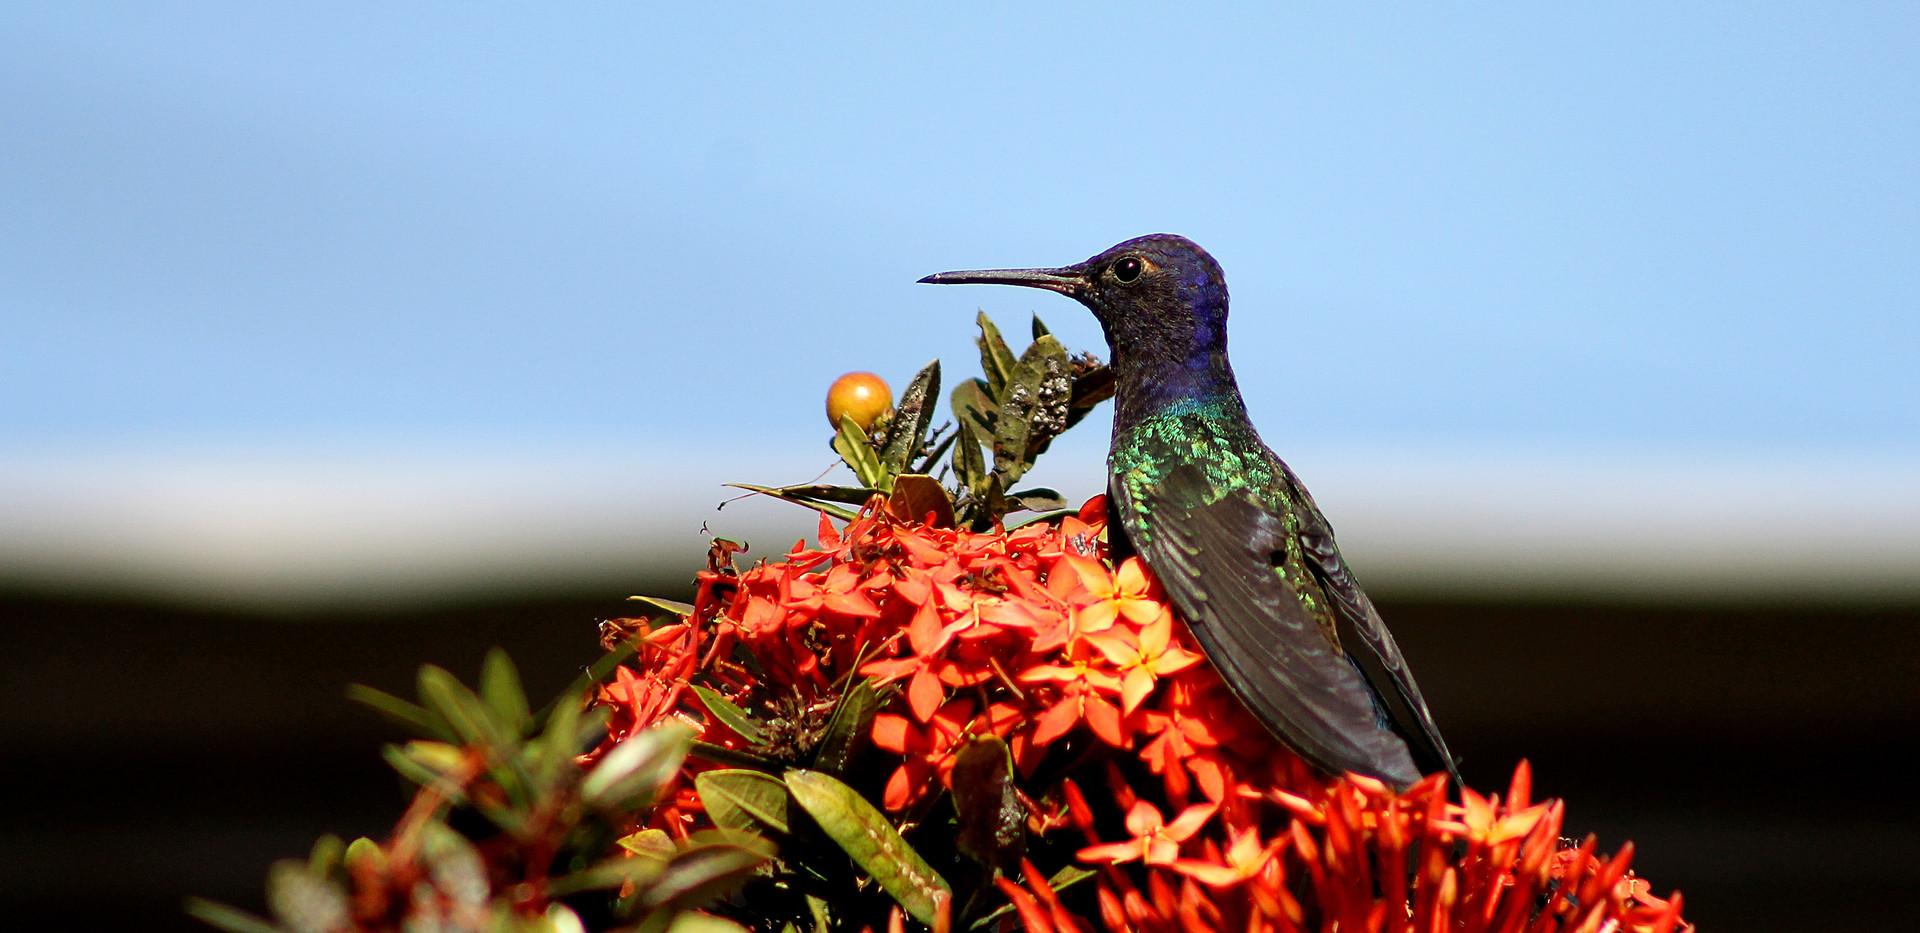 hummingbird-1937433.jpg